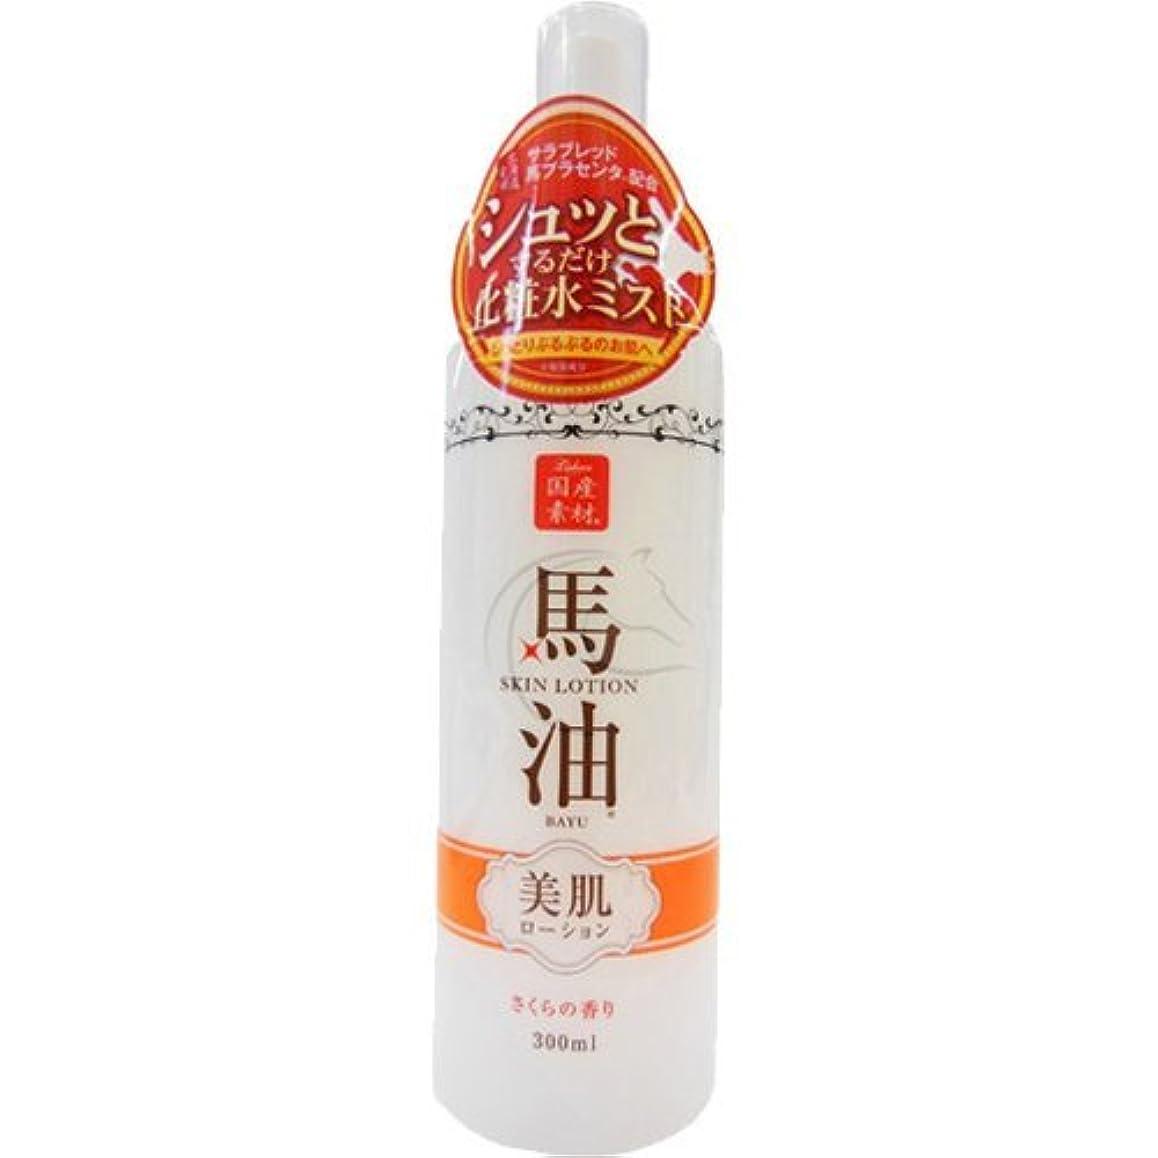 証明する天皇ハリケーンリシャン 馬油化粧水 さくらの香り 300mL